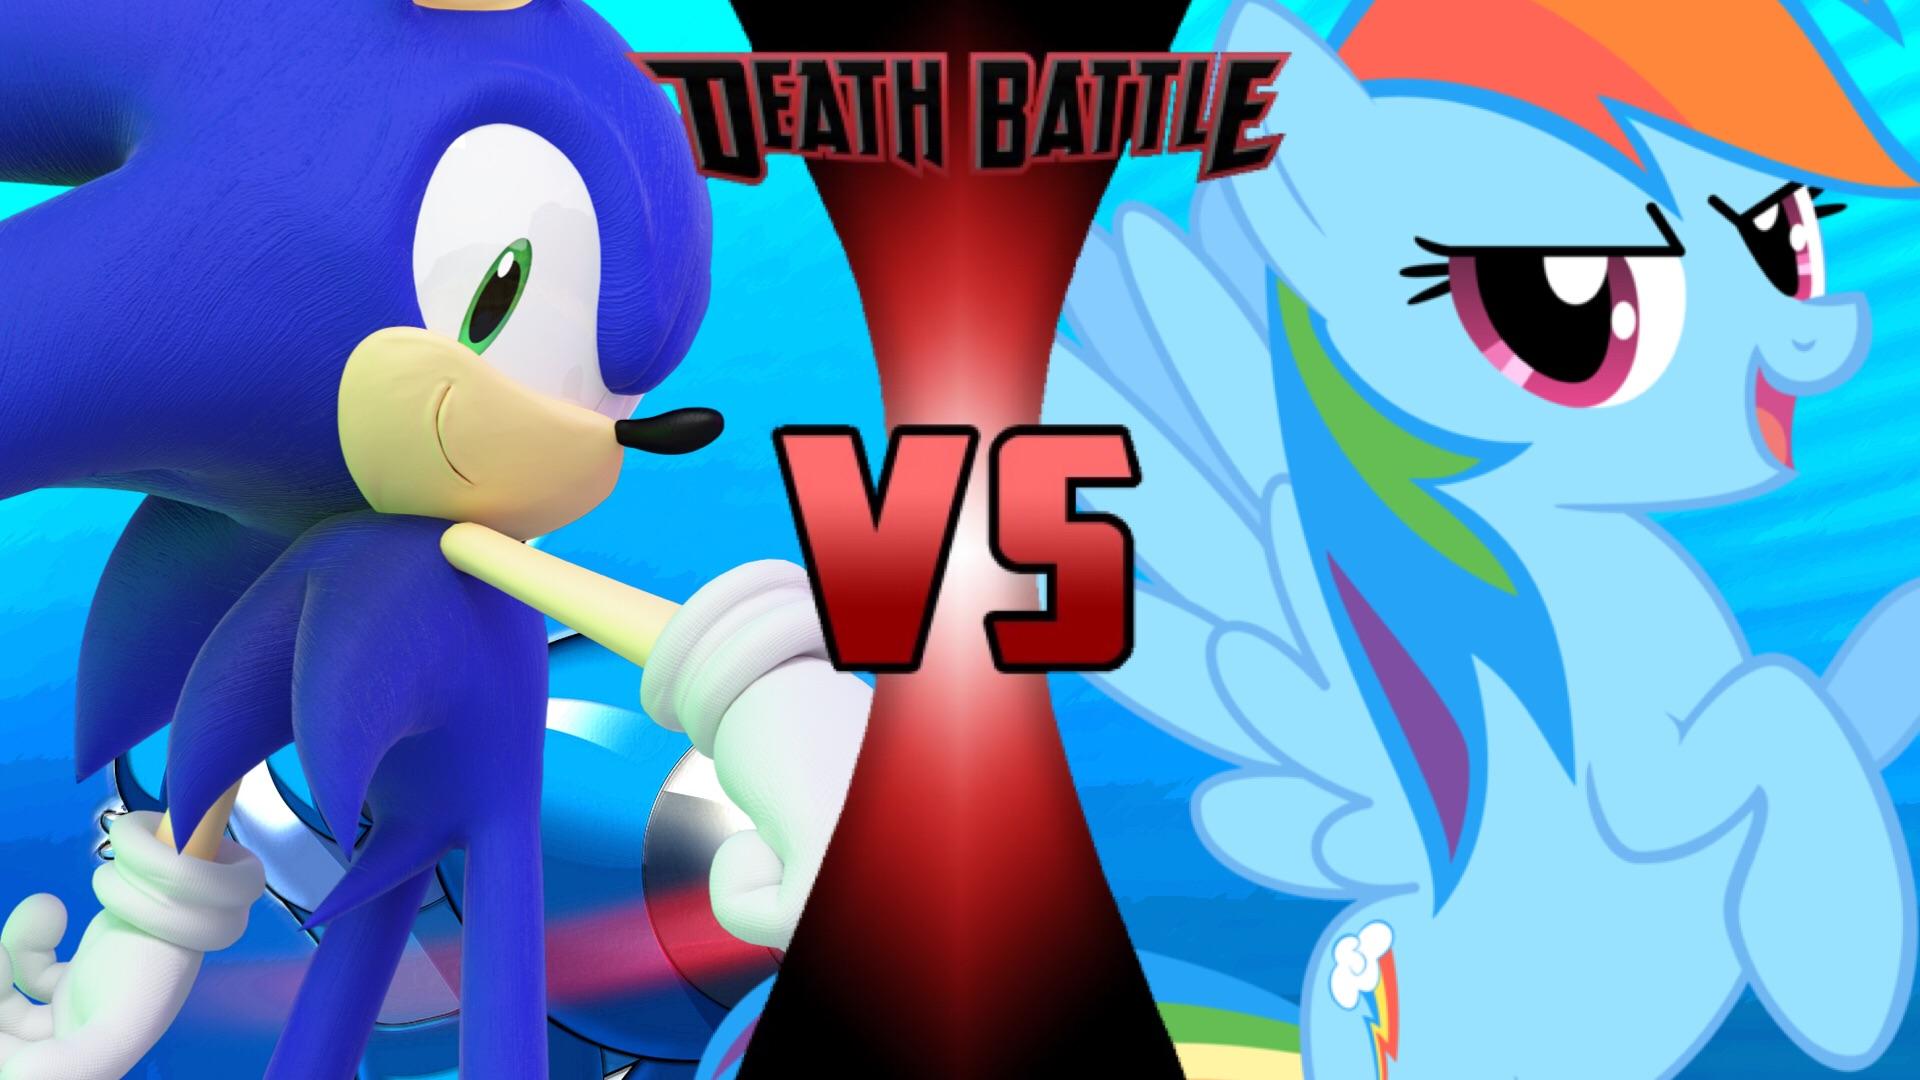 Death Battle Sonic Vs Rainbow Dash By Sturk Fontaine On DeviantArt